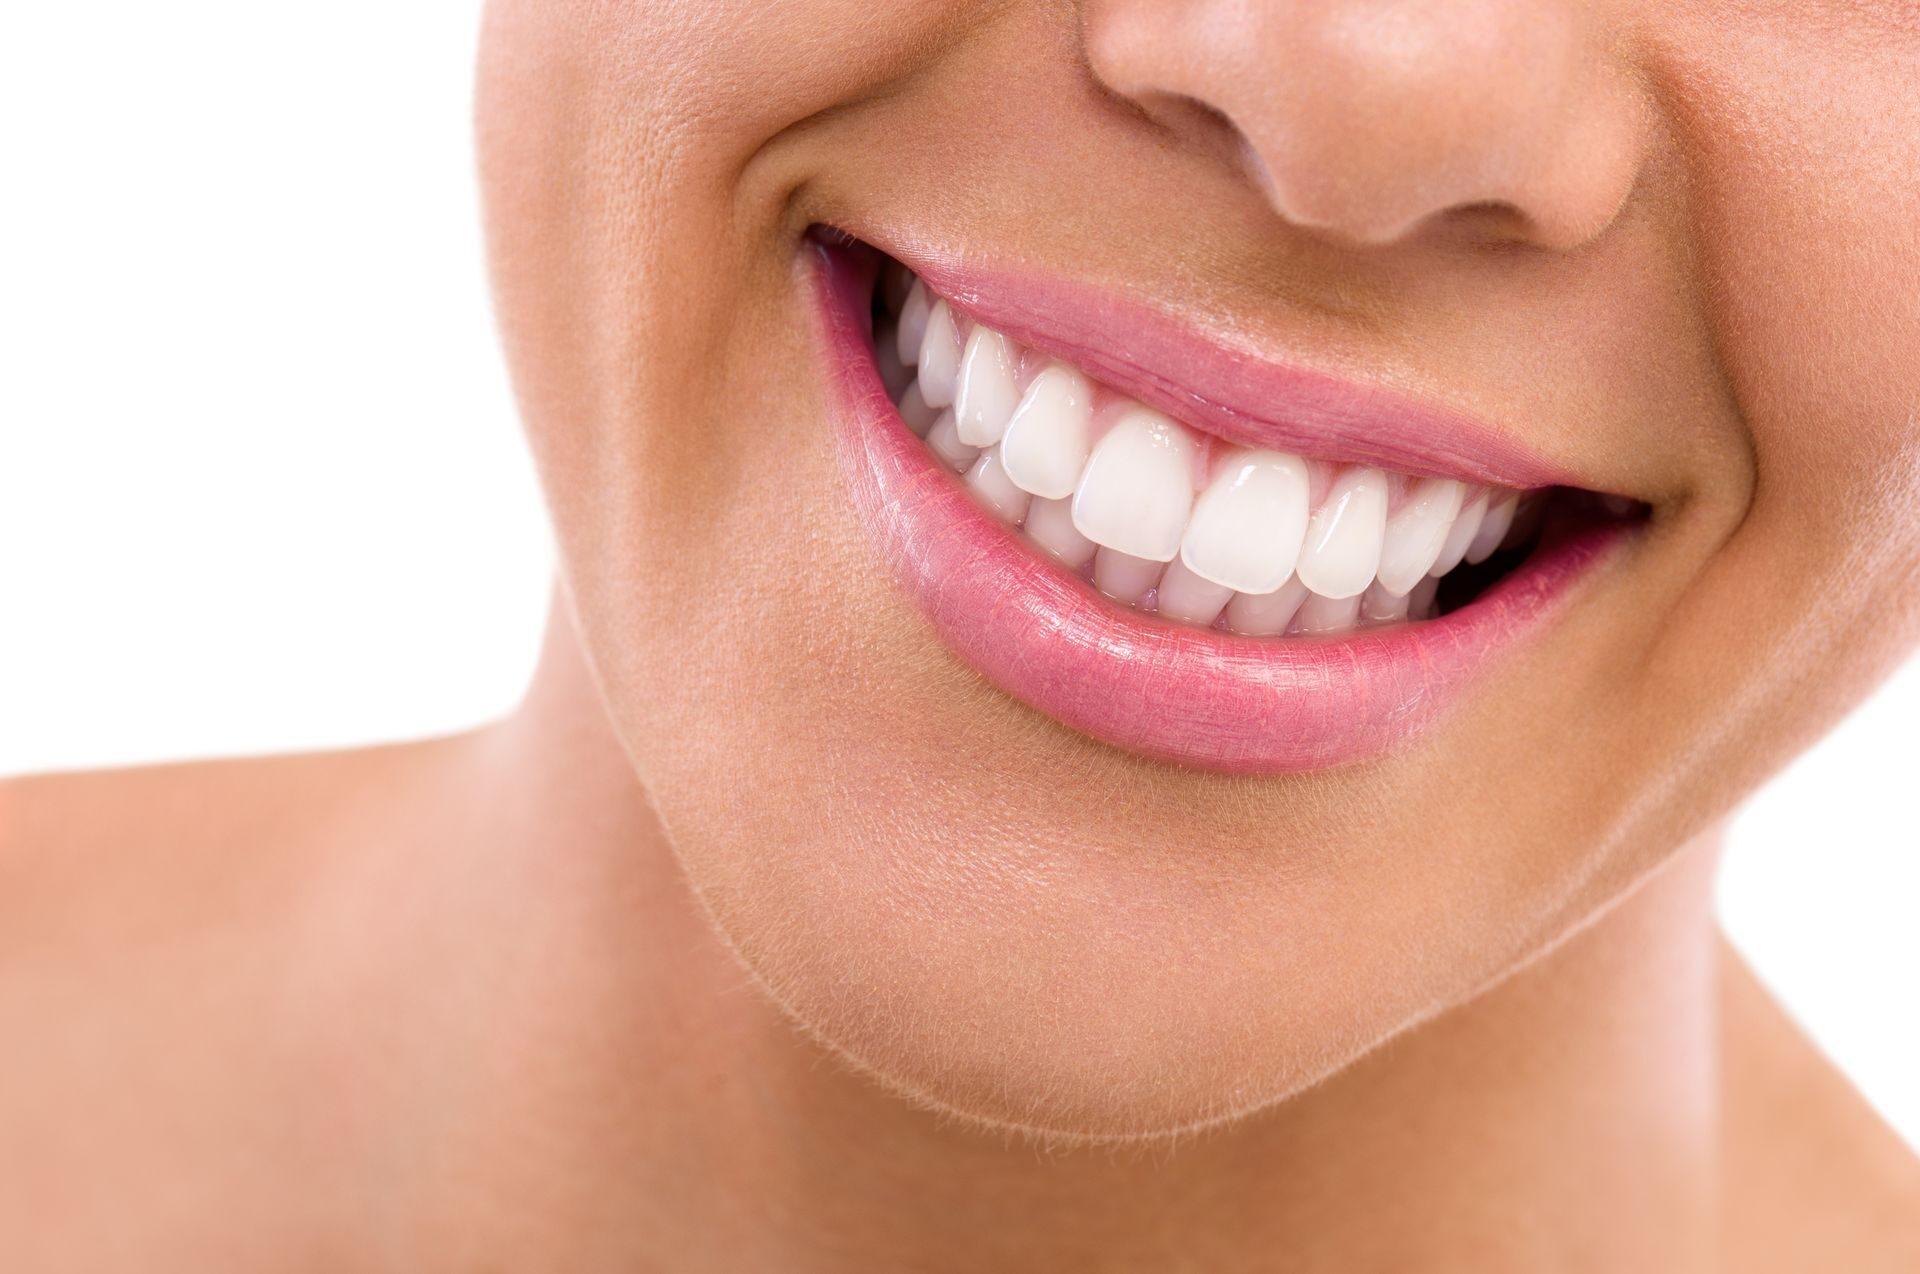 Как сделать зубы белыми в домашних условиях: пути достижения 18